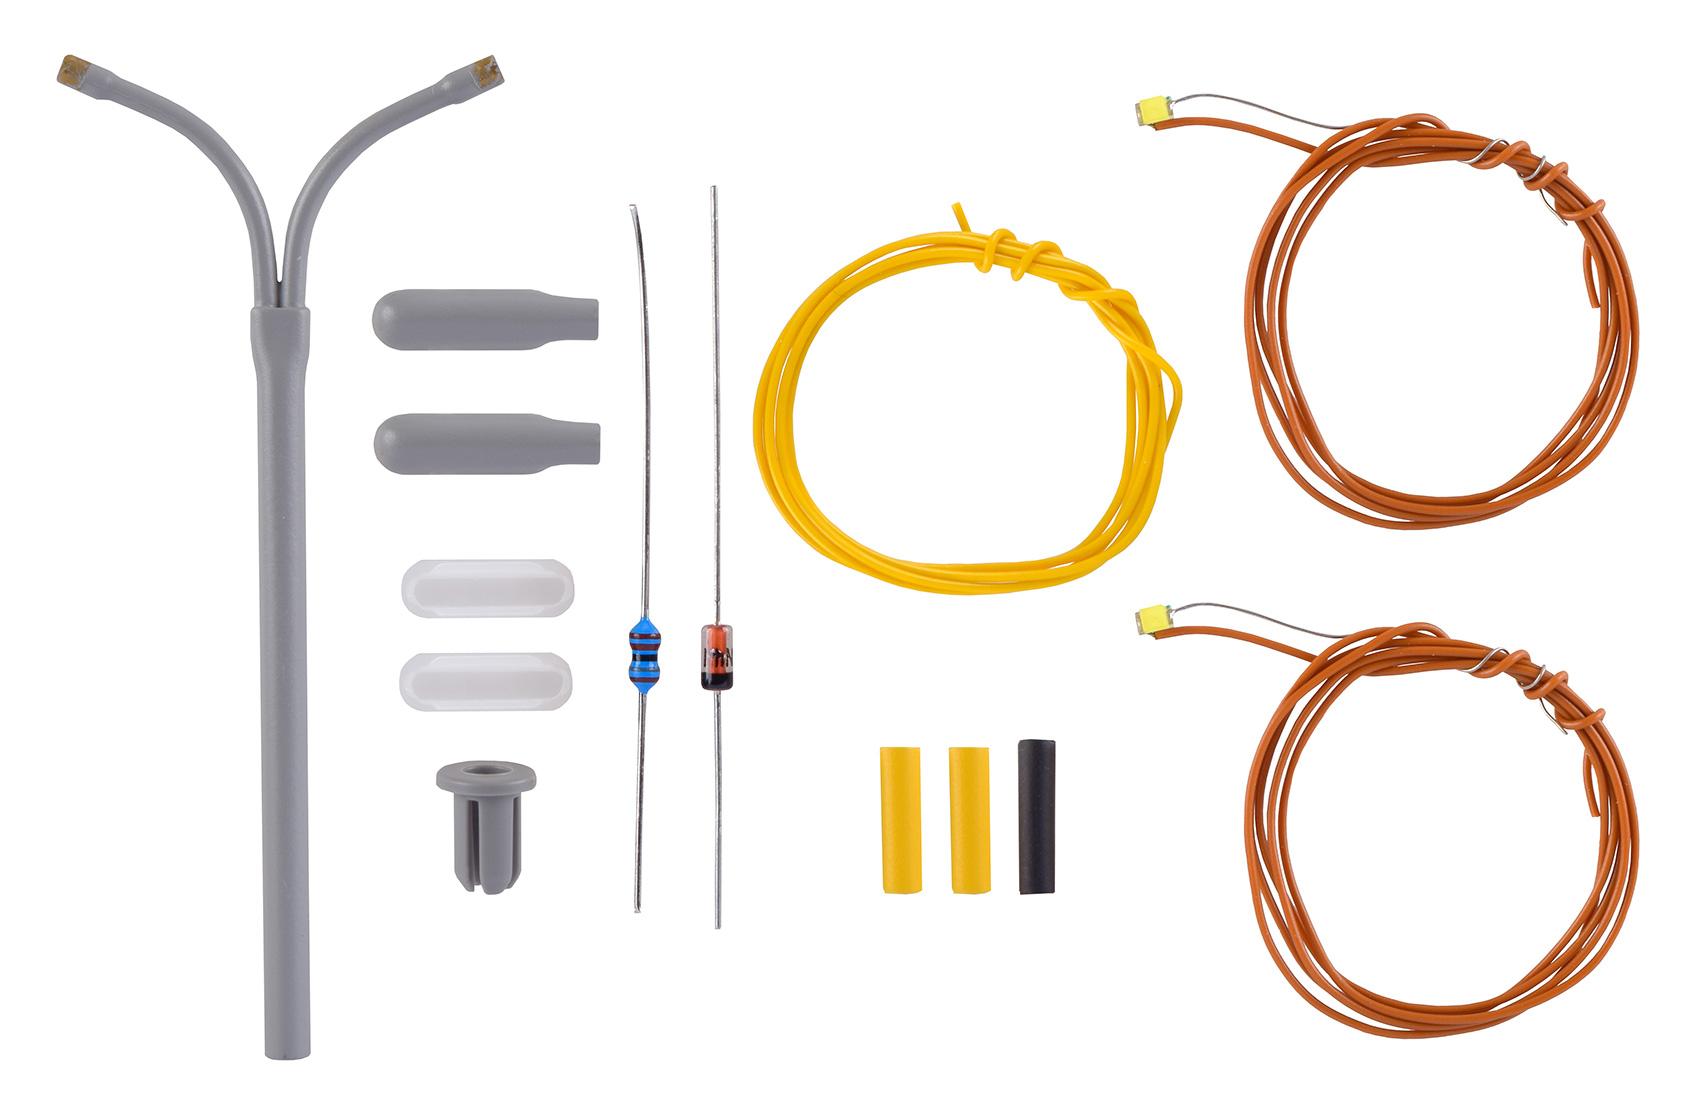 Viessmann N 6623 Peitschenleuchte doppelt LED Bausatz